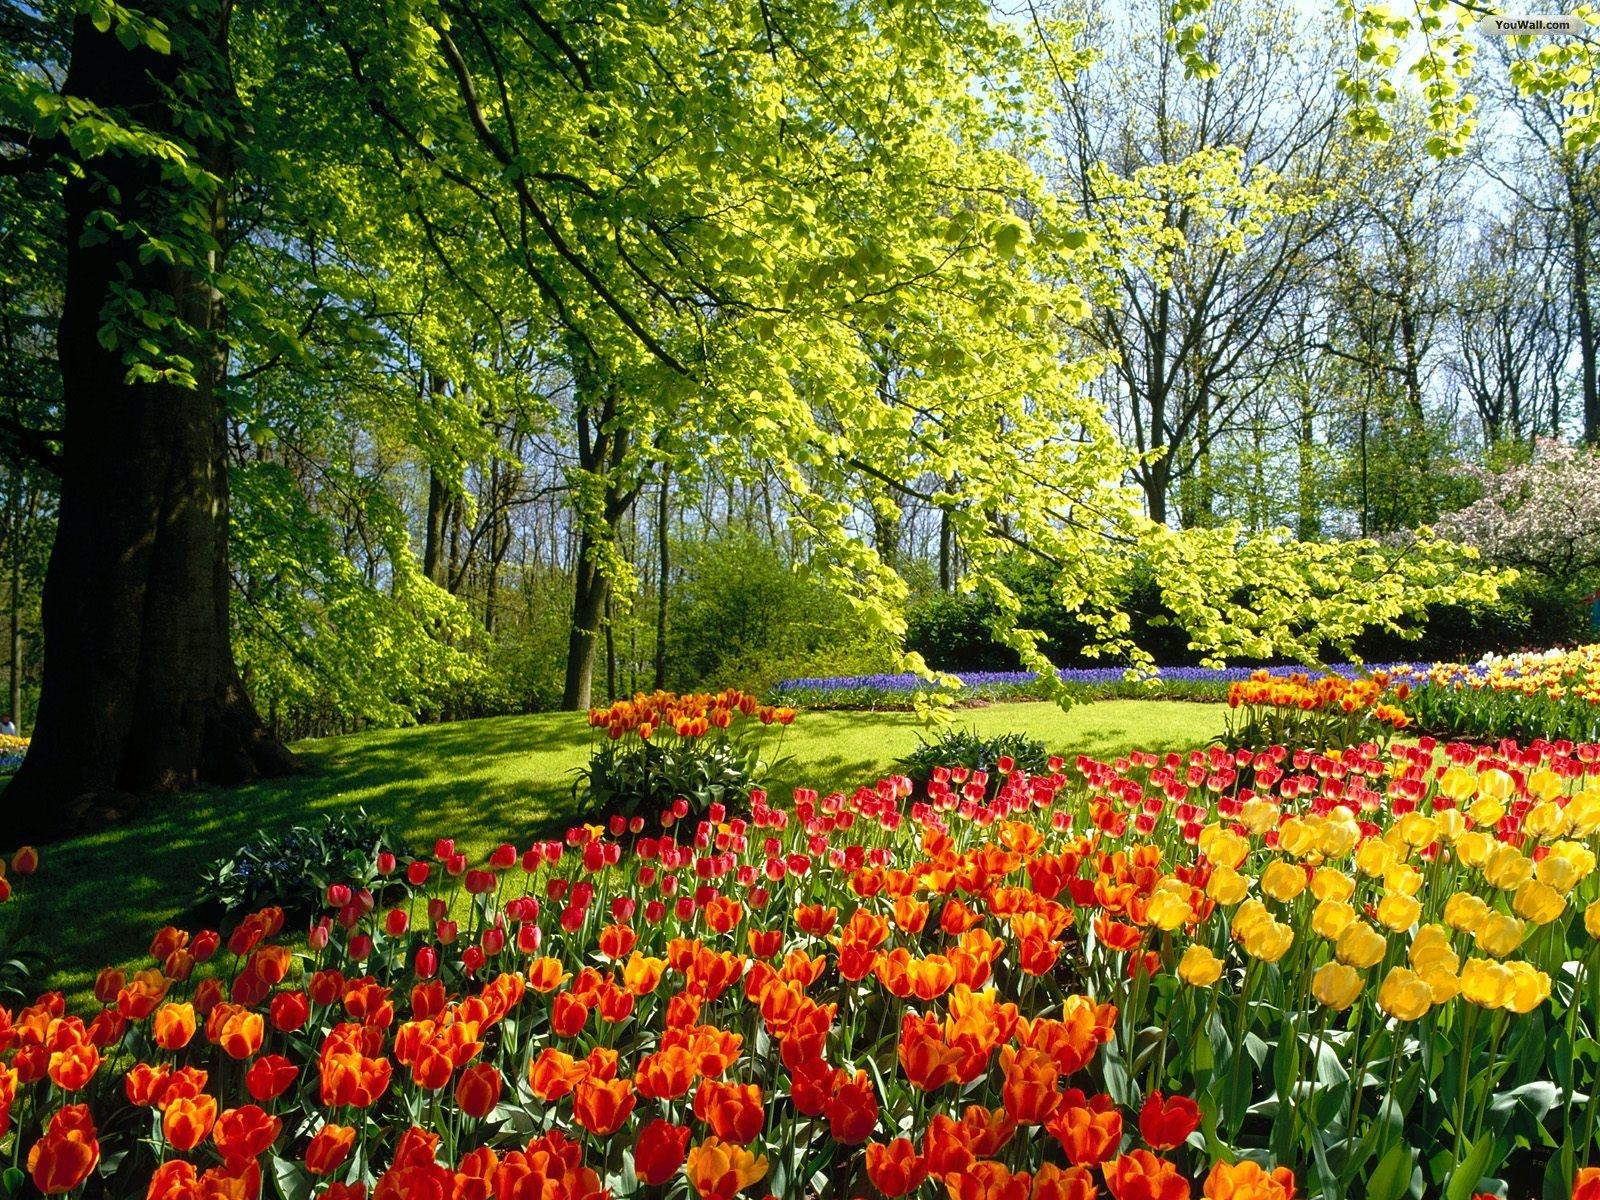 Gambar-gambar bunga yang indah Paling Cantik dipandang ...